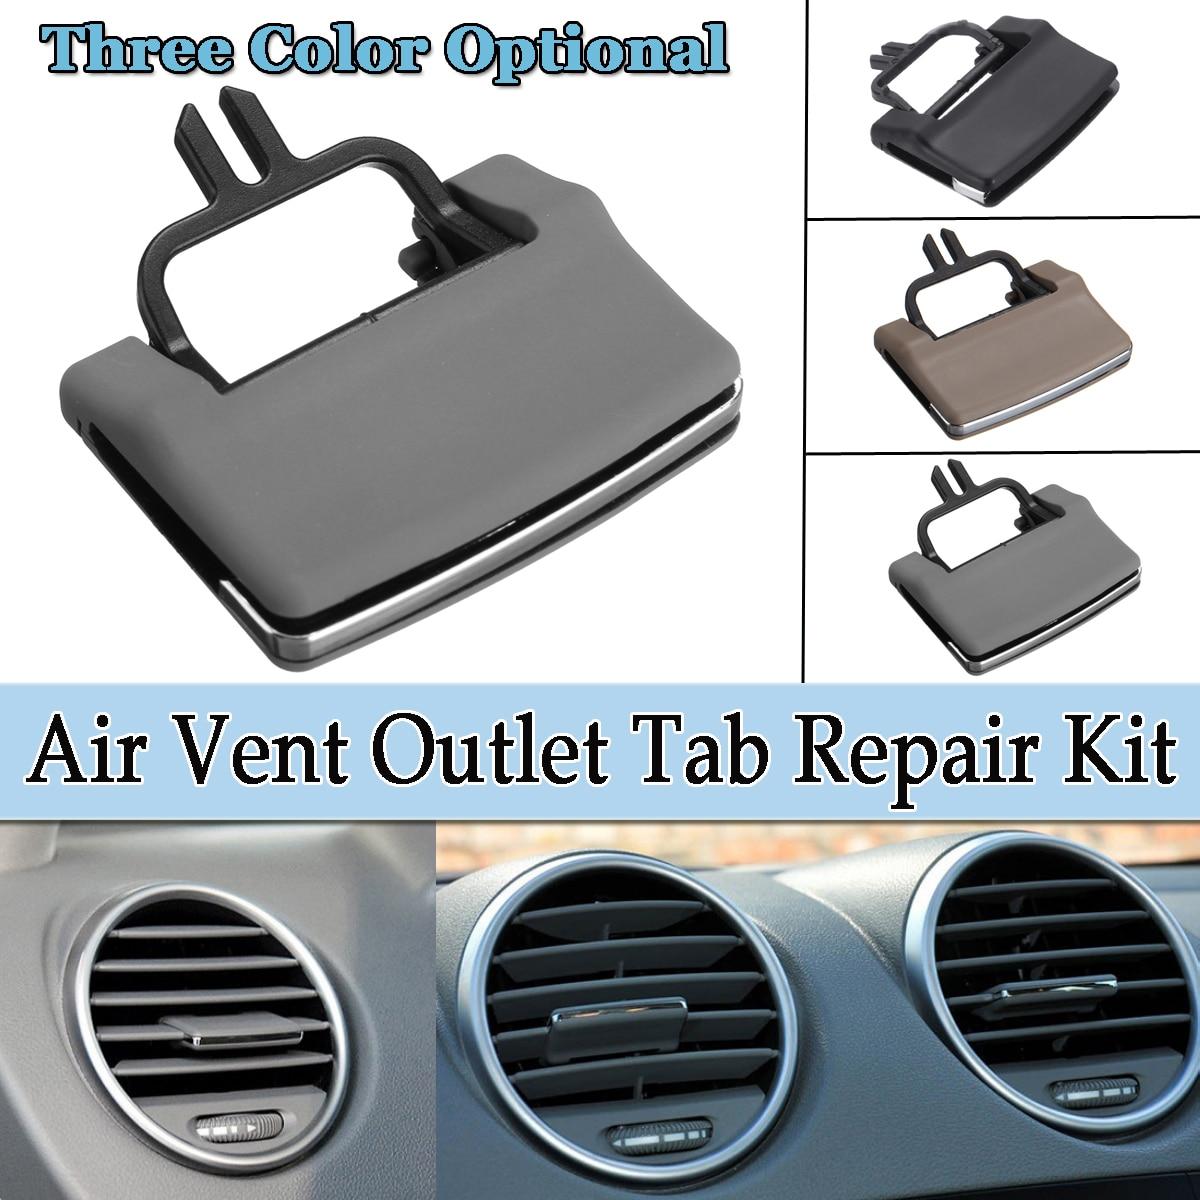 1 pc A/C Ar Condicionado Saída de Ventilação Tab Kit de Reparo Para Mercedes Benz ML GL W164 X164 plástico Bege/Cinza/Preto Clipe Pá